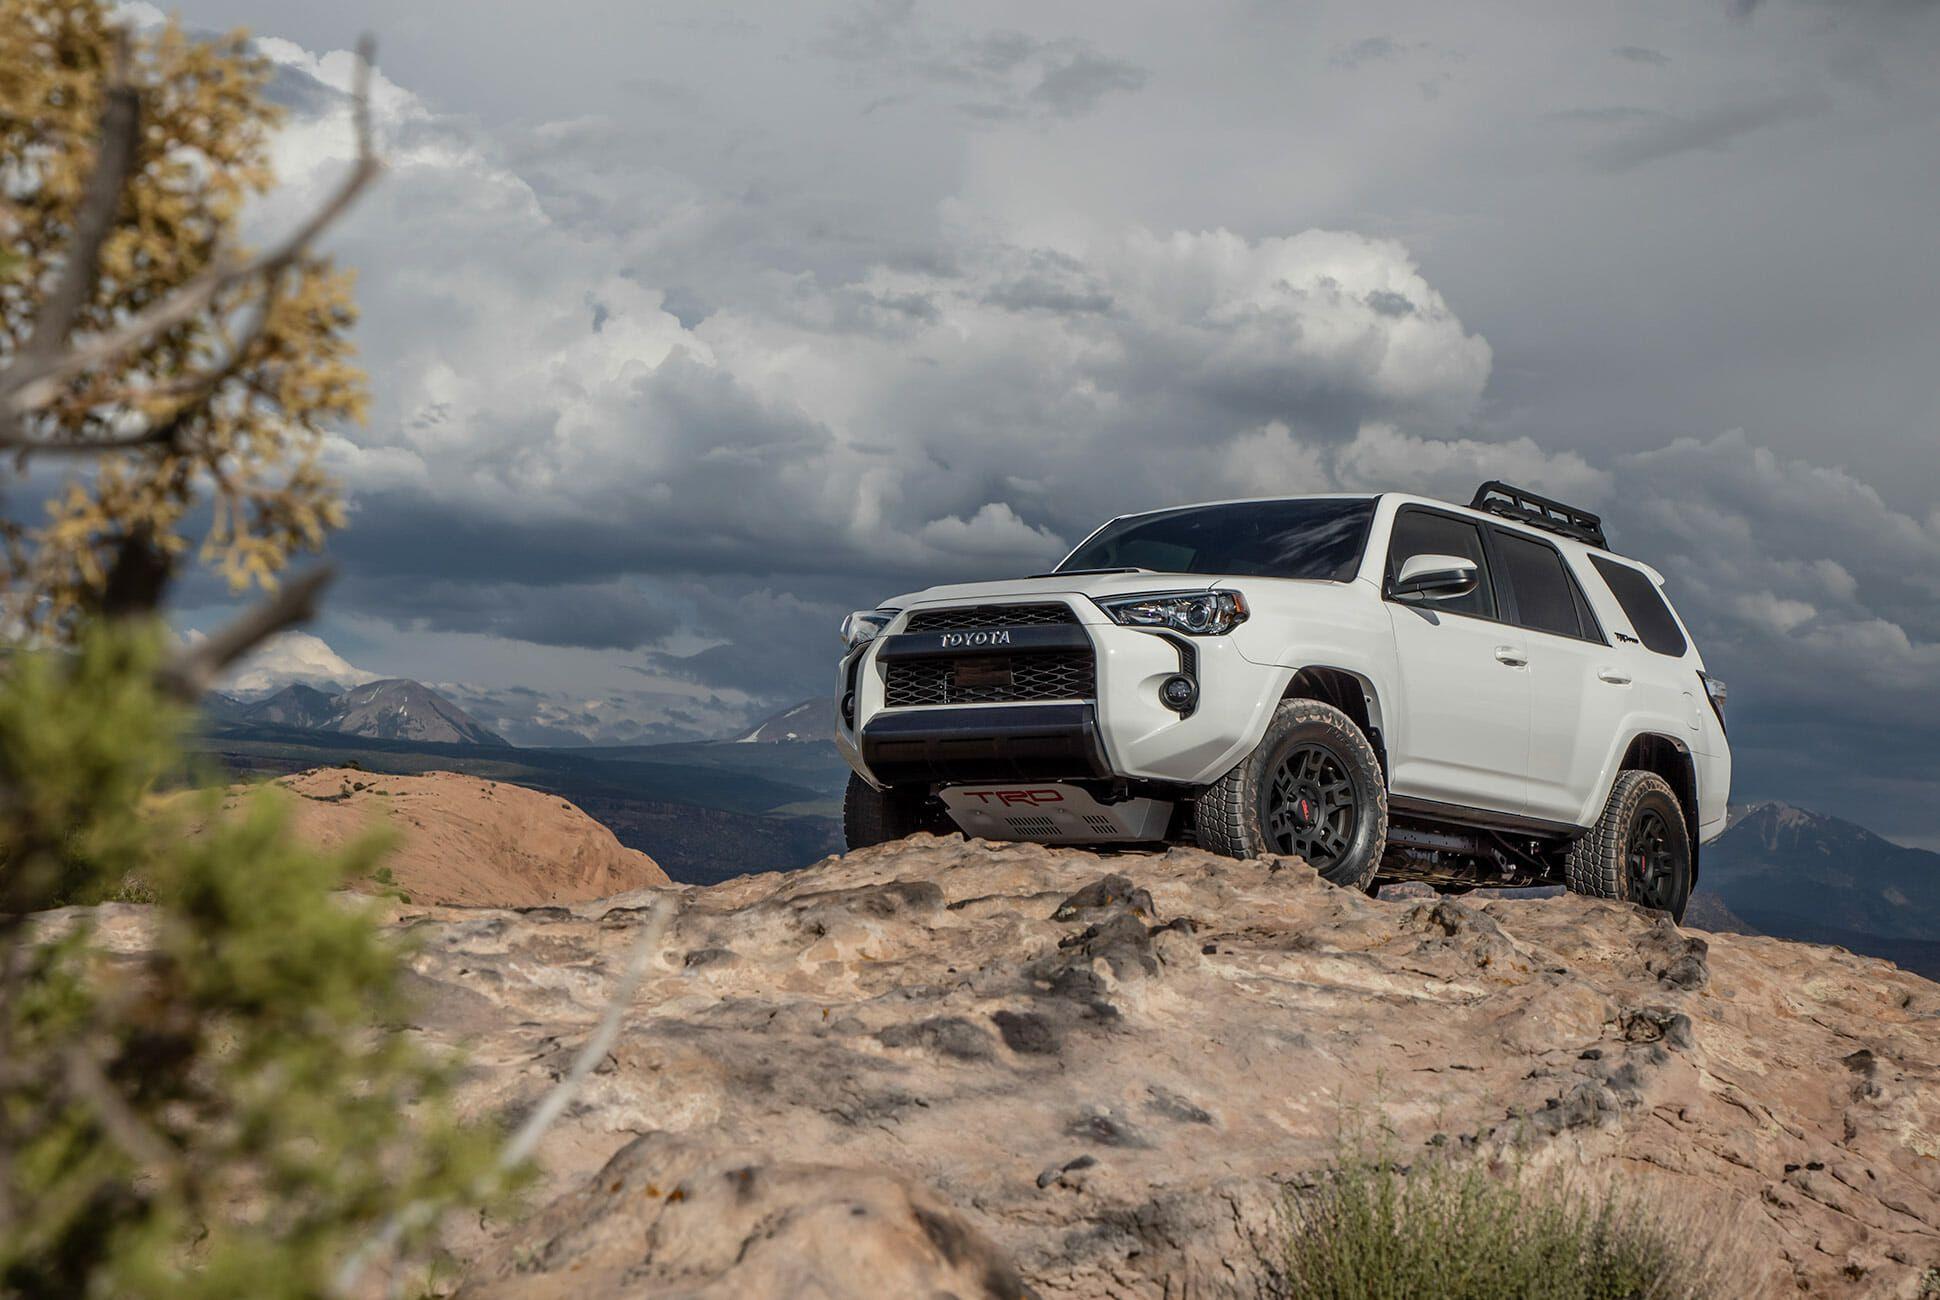 Toyota-4Runner-Tacoma-TRD-Pro-2020-gear-patrol-slide-6